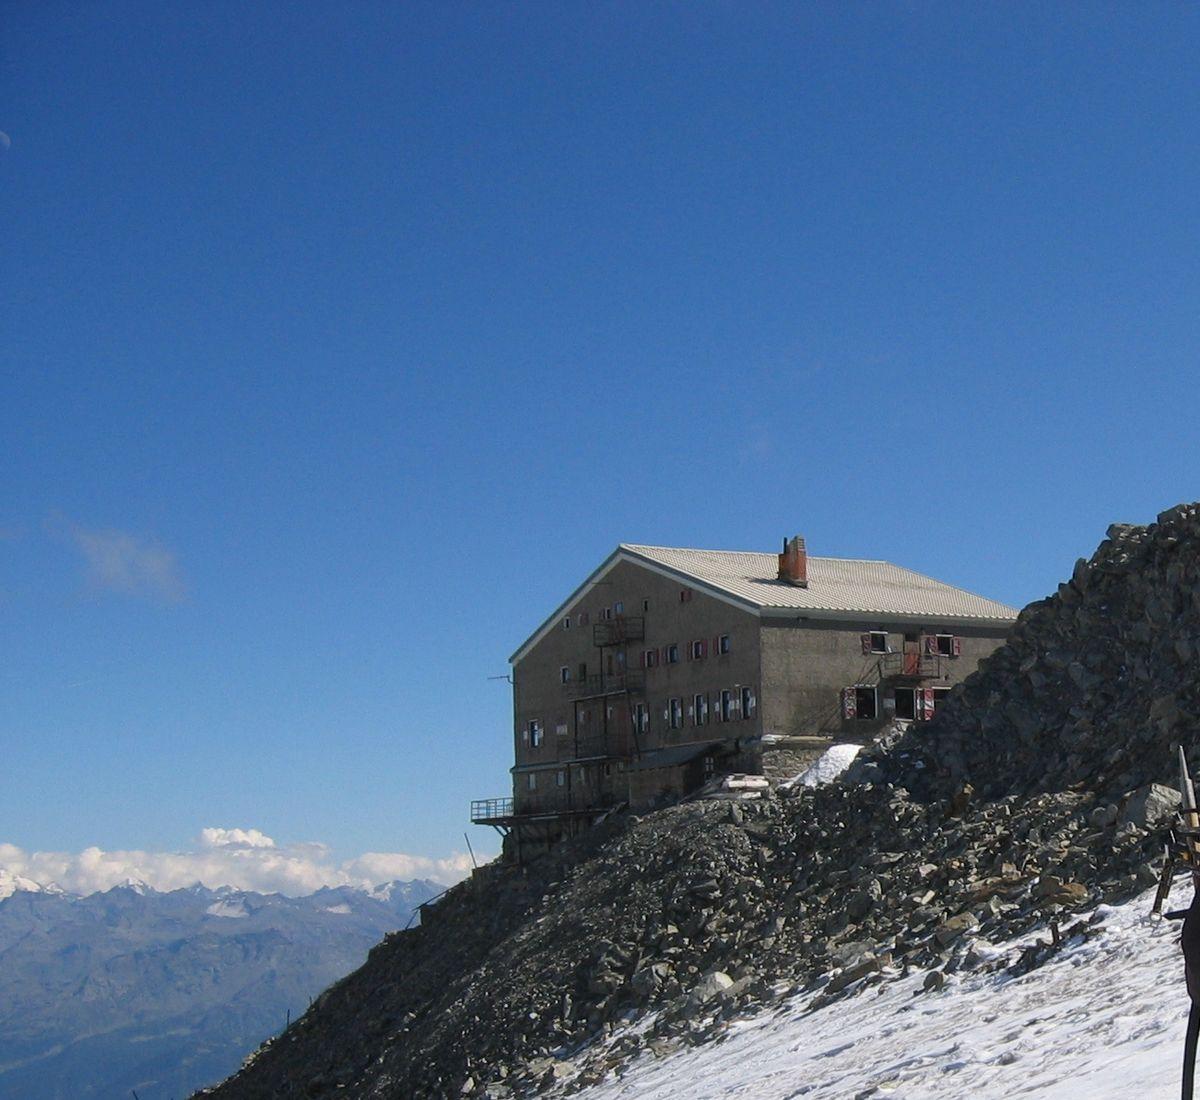 Rifugio alpino wikipedia for Rifugio in baita di montagna